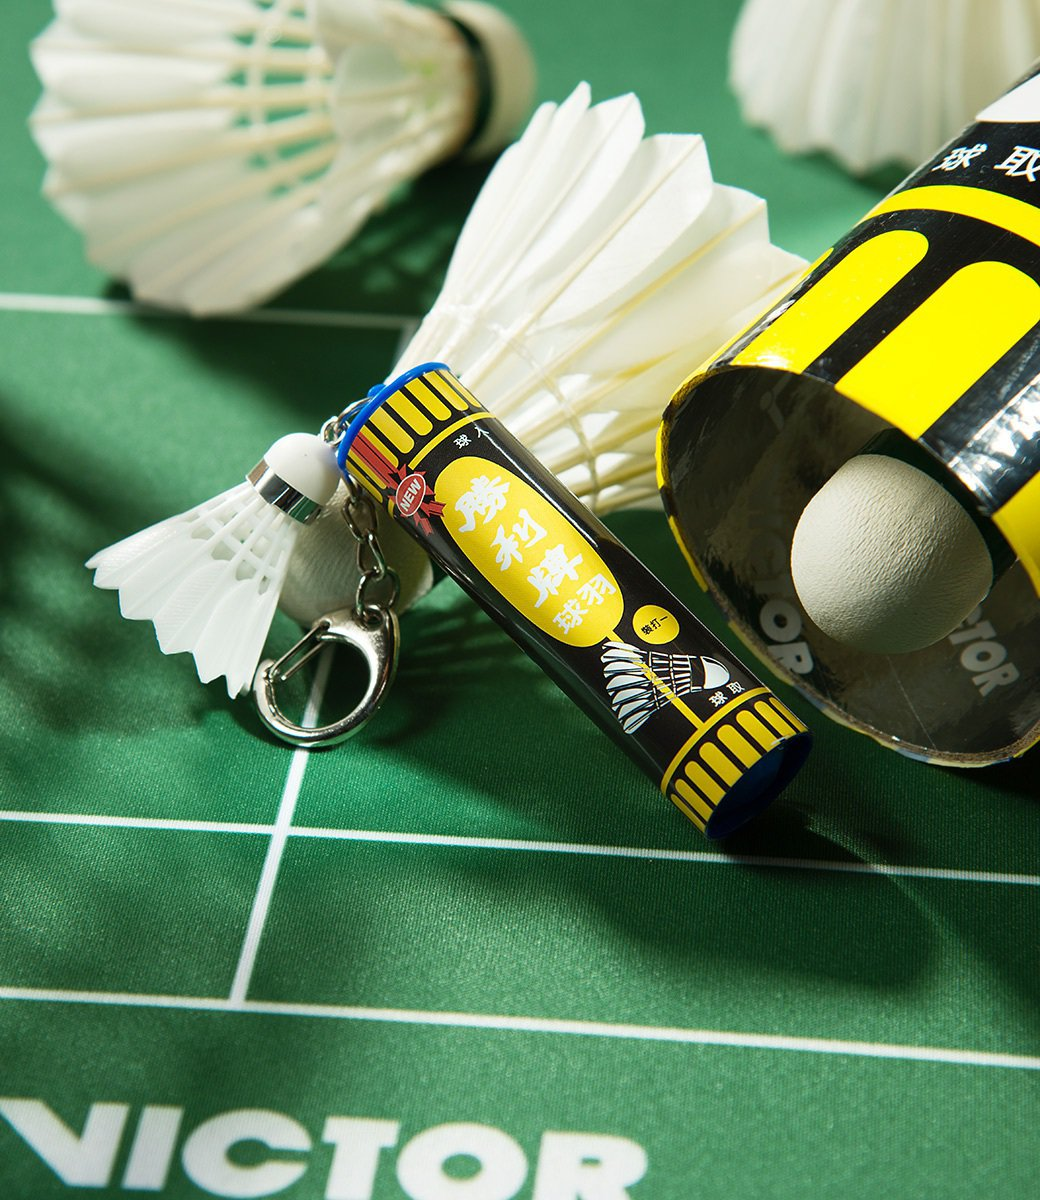 悠遊卡公司取得VICTOR勝利體育獨家授權,推出台灣首款運動主題「VICTOR羽...